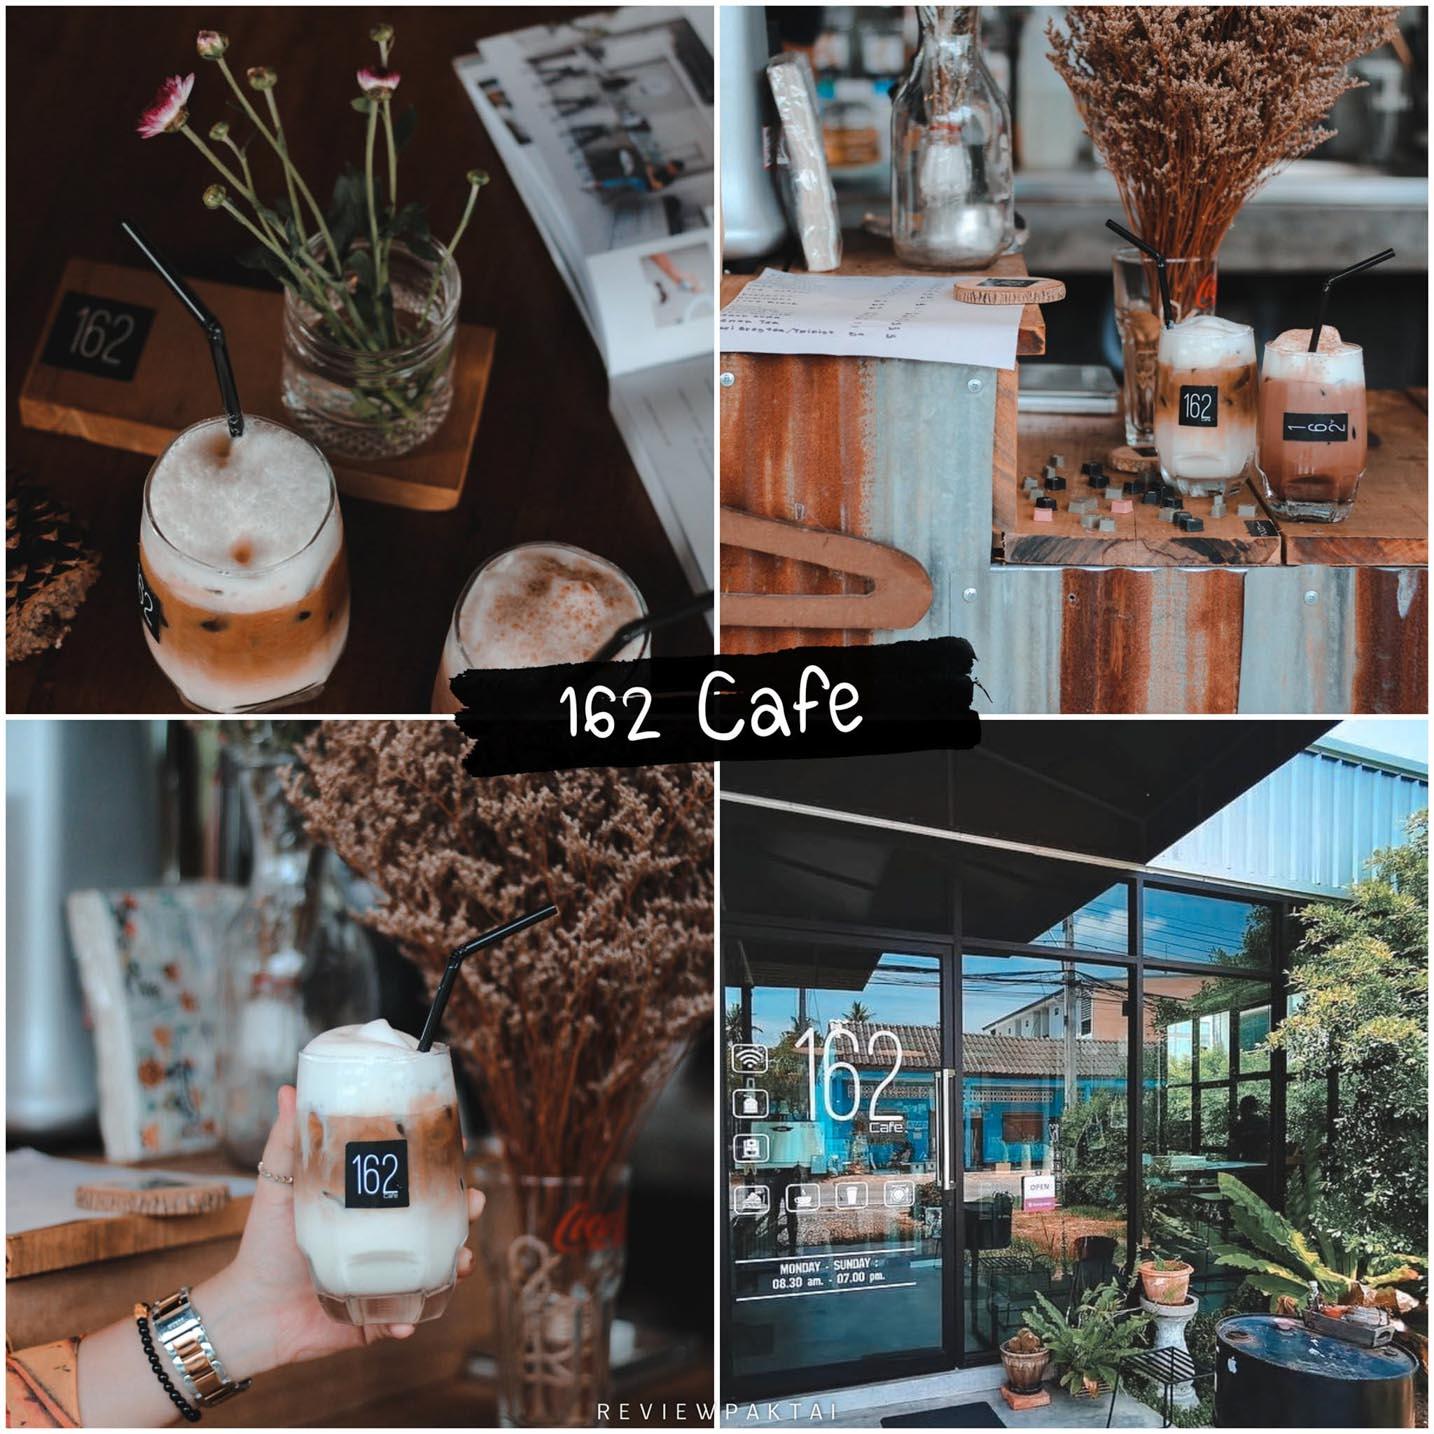 ร้านดีร้านลับร้านเด็ดๆ อยากพักต้องร้านนี้เลย 162 cafe ภูเก็ต กาแฟหอมมมม!! ทั้งร้อนและเย็น บรรยากาศดีไม่มาไม่ได้แล้ว เด็ดและดีมาภูเก็ตอย่าลืม 162!!